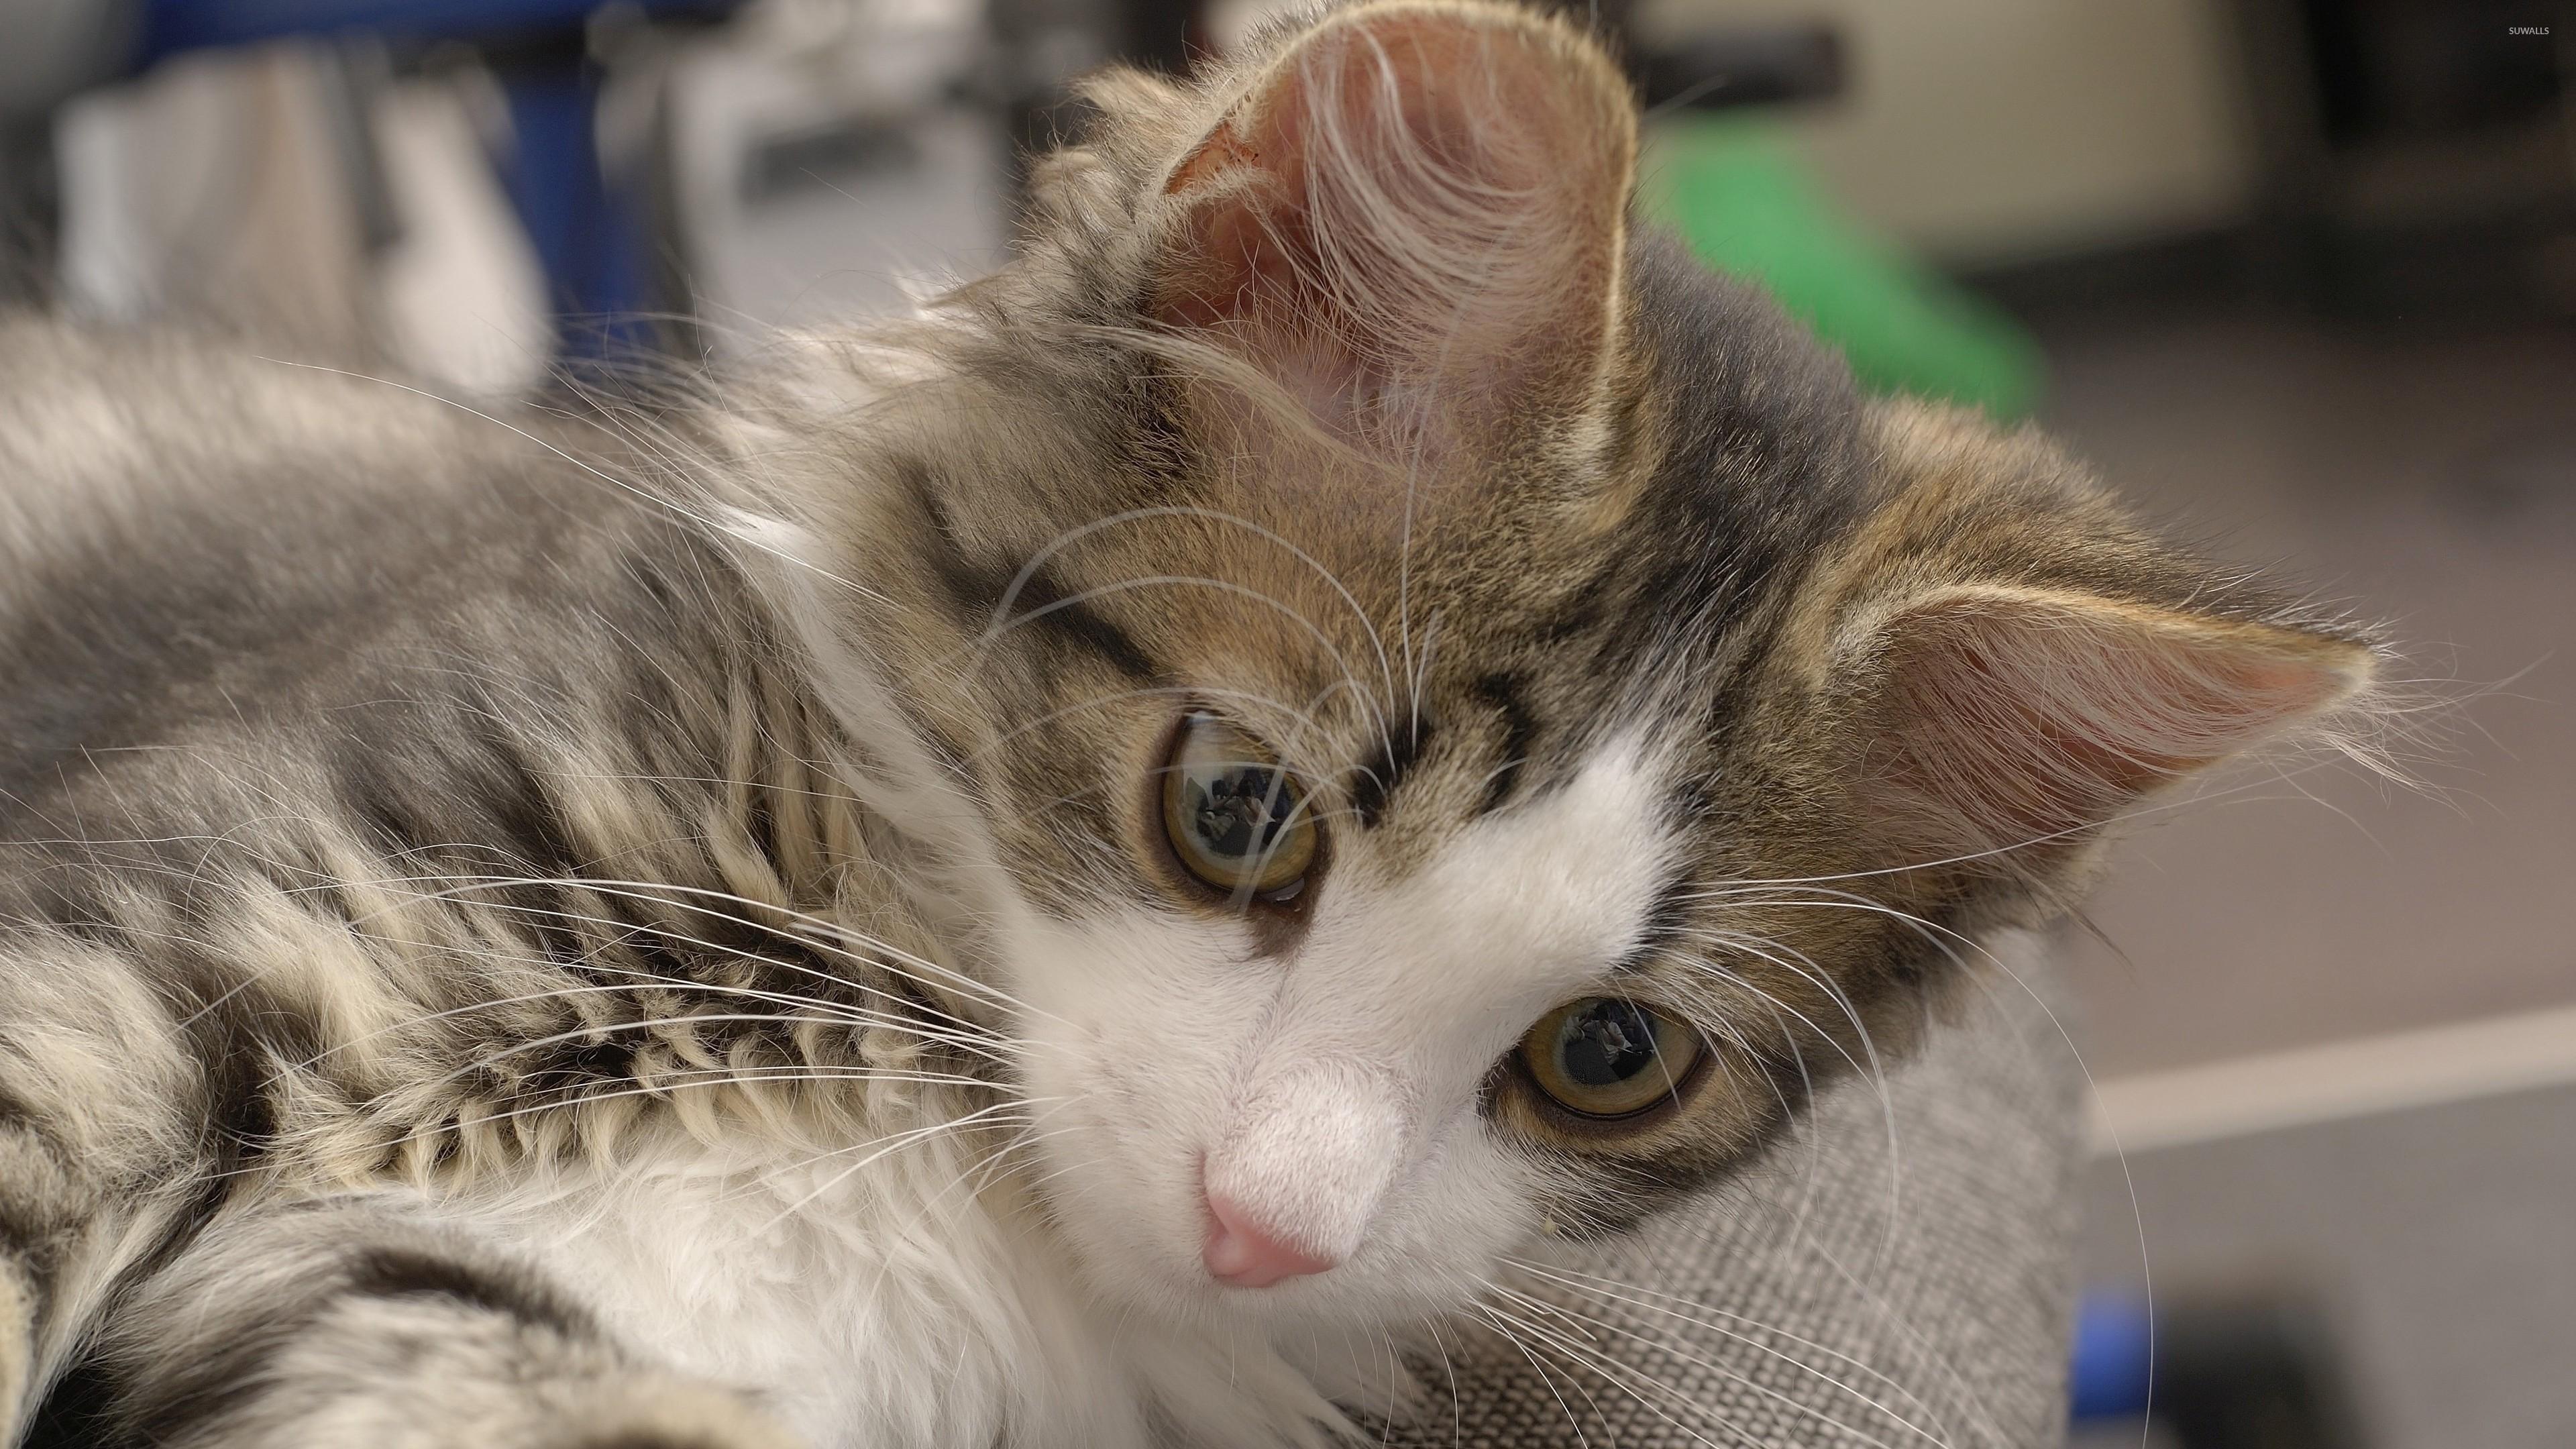 Res: 3840x2160, Cute cat wallpaper